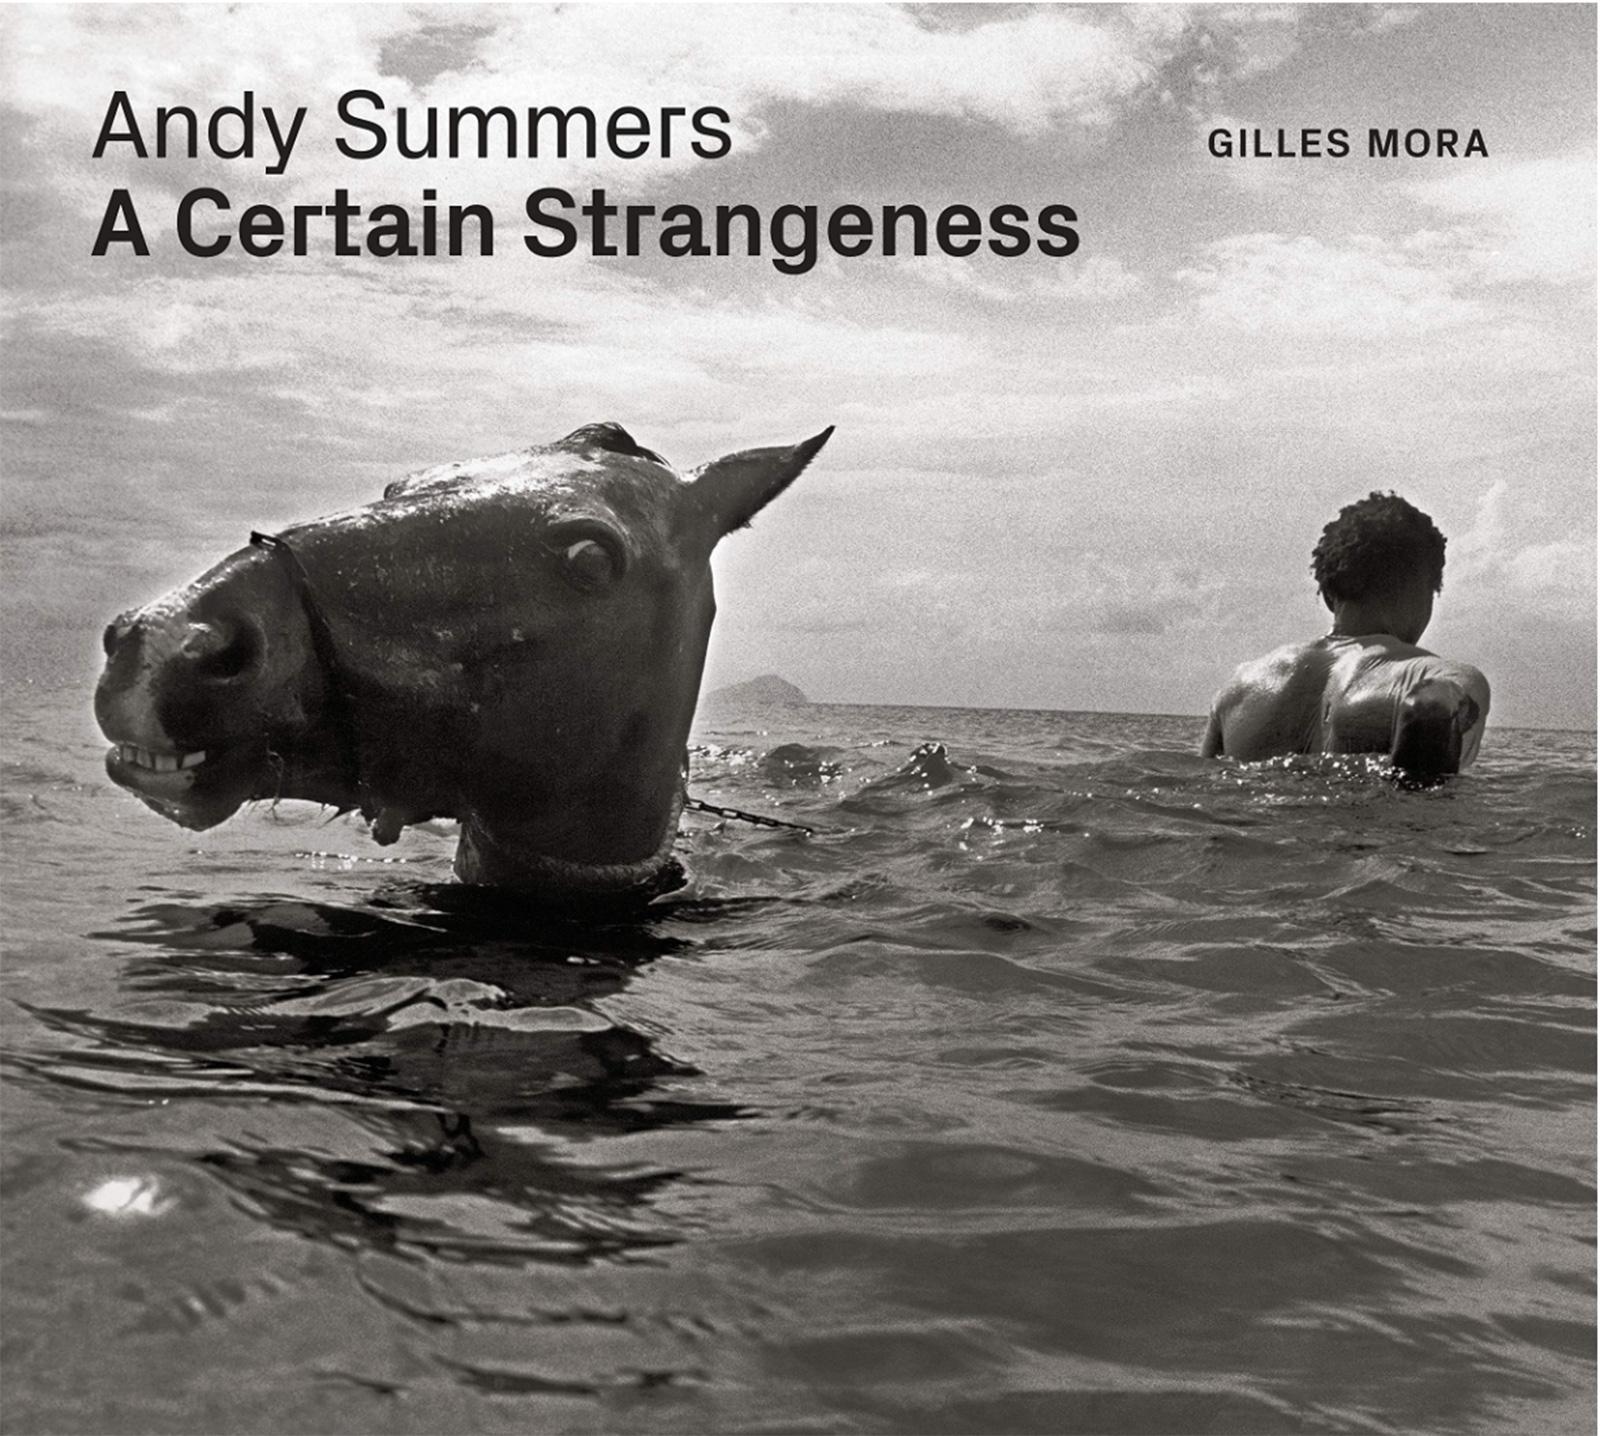 A-Certain-Strangeness-Cover.jpg